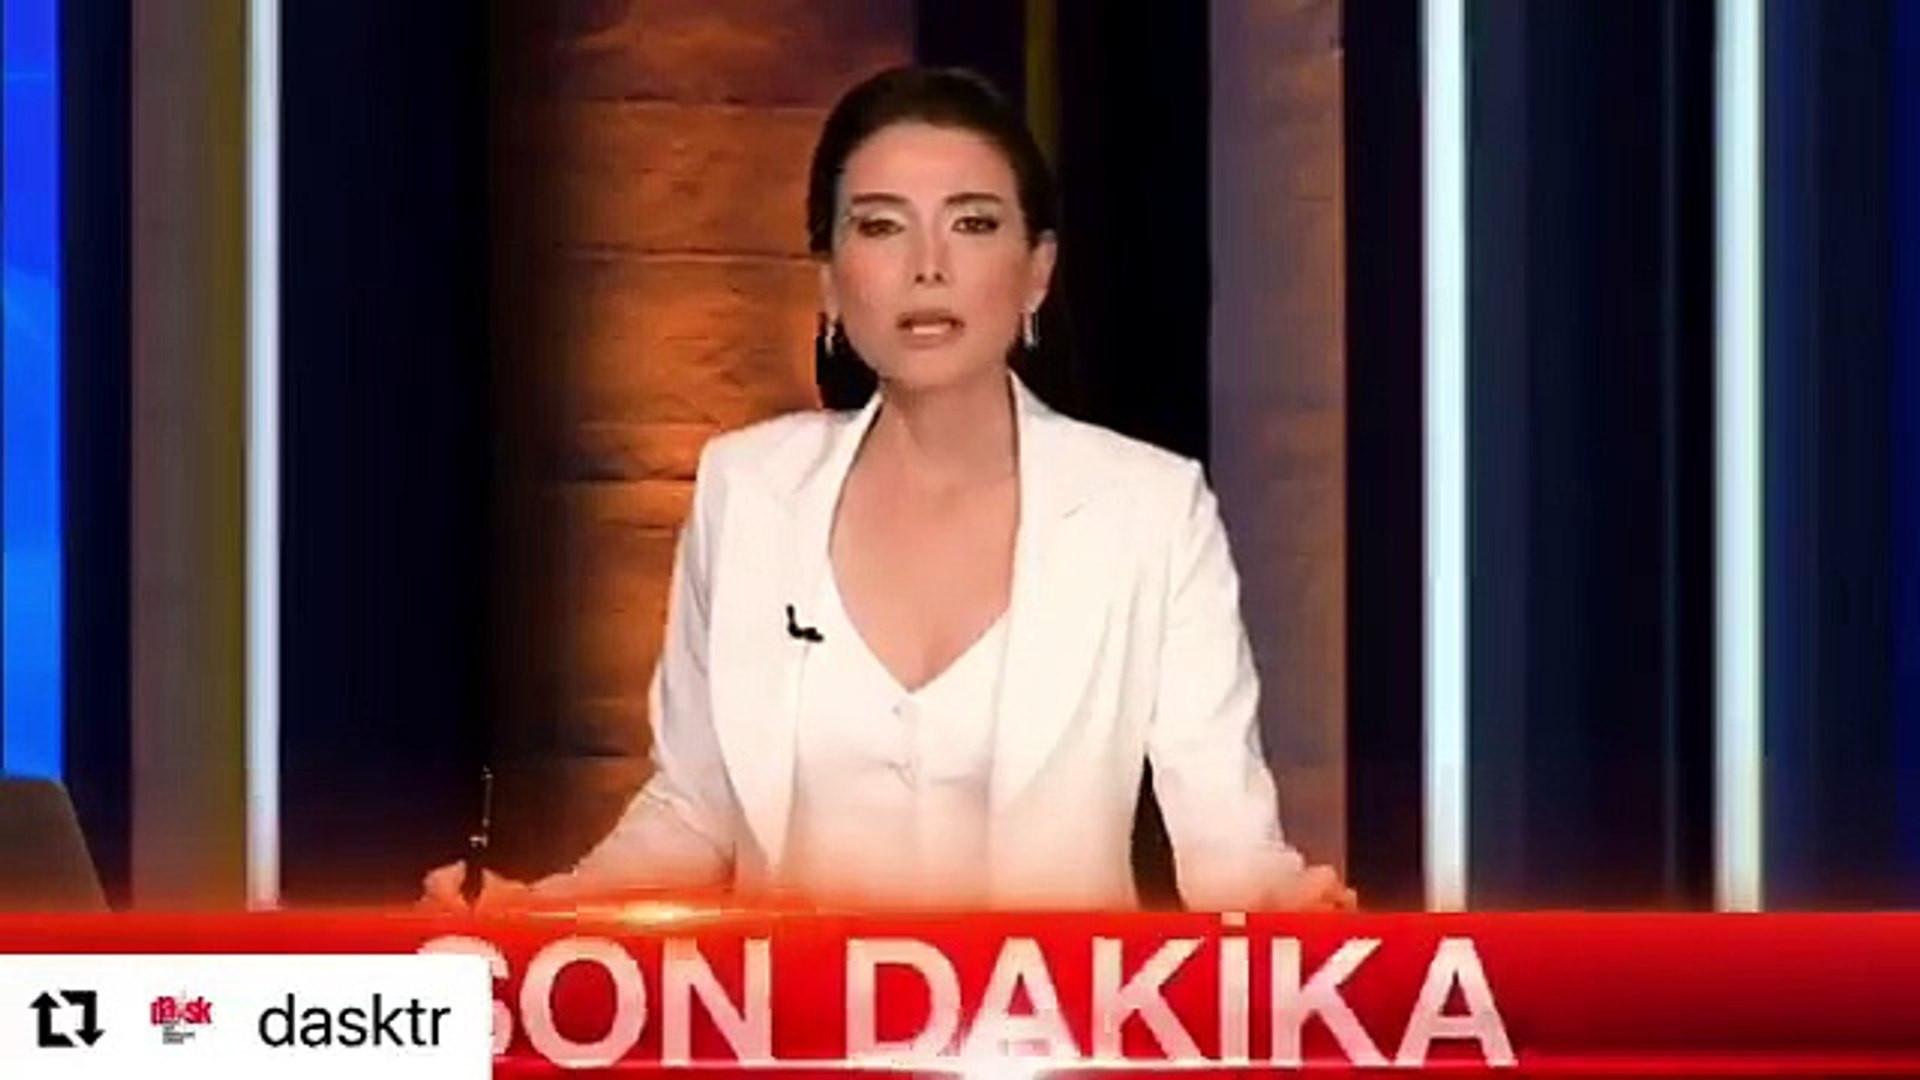 Tüm Türkiye'yi korkutan ''reklam''... Bu reklamı herkesi paniğe yol açtı